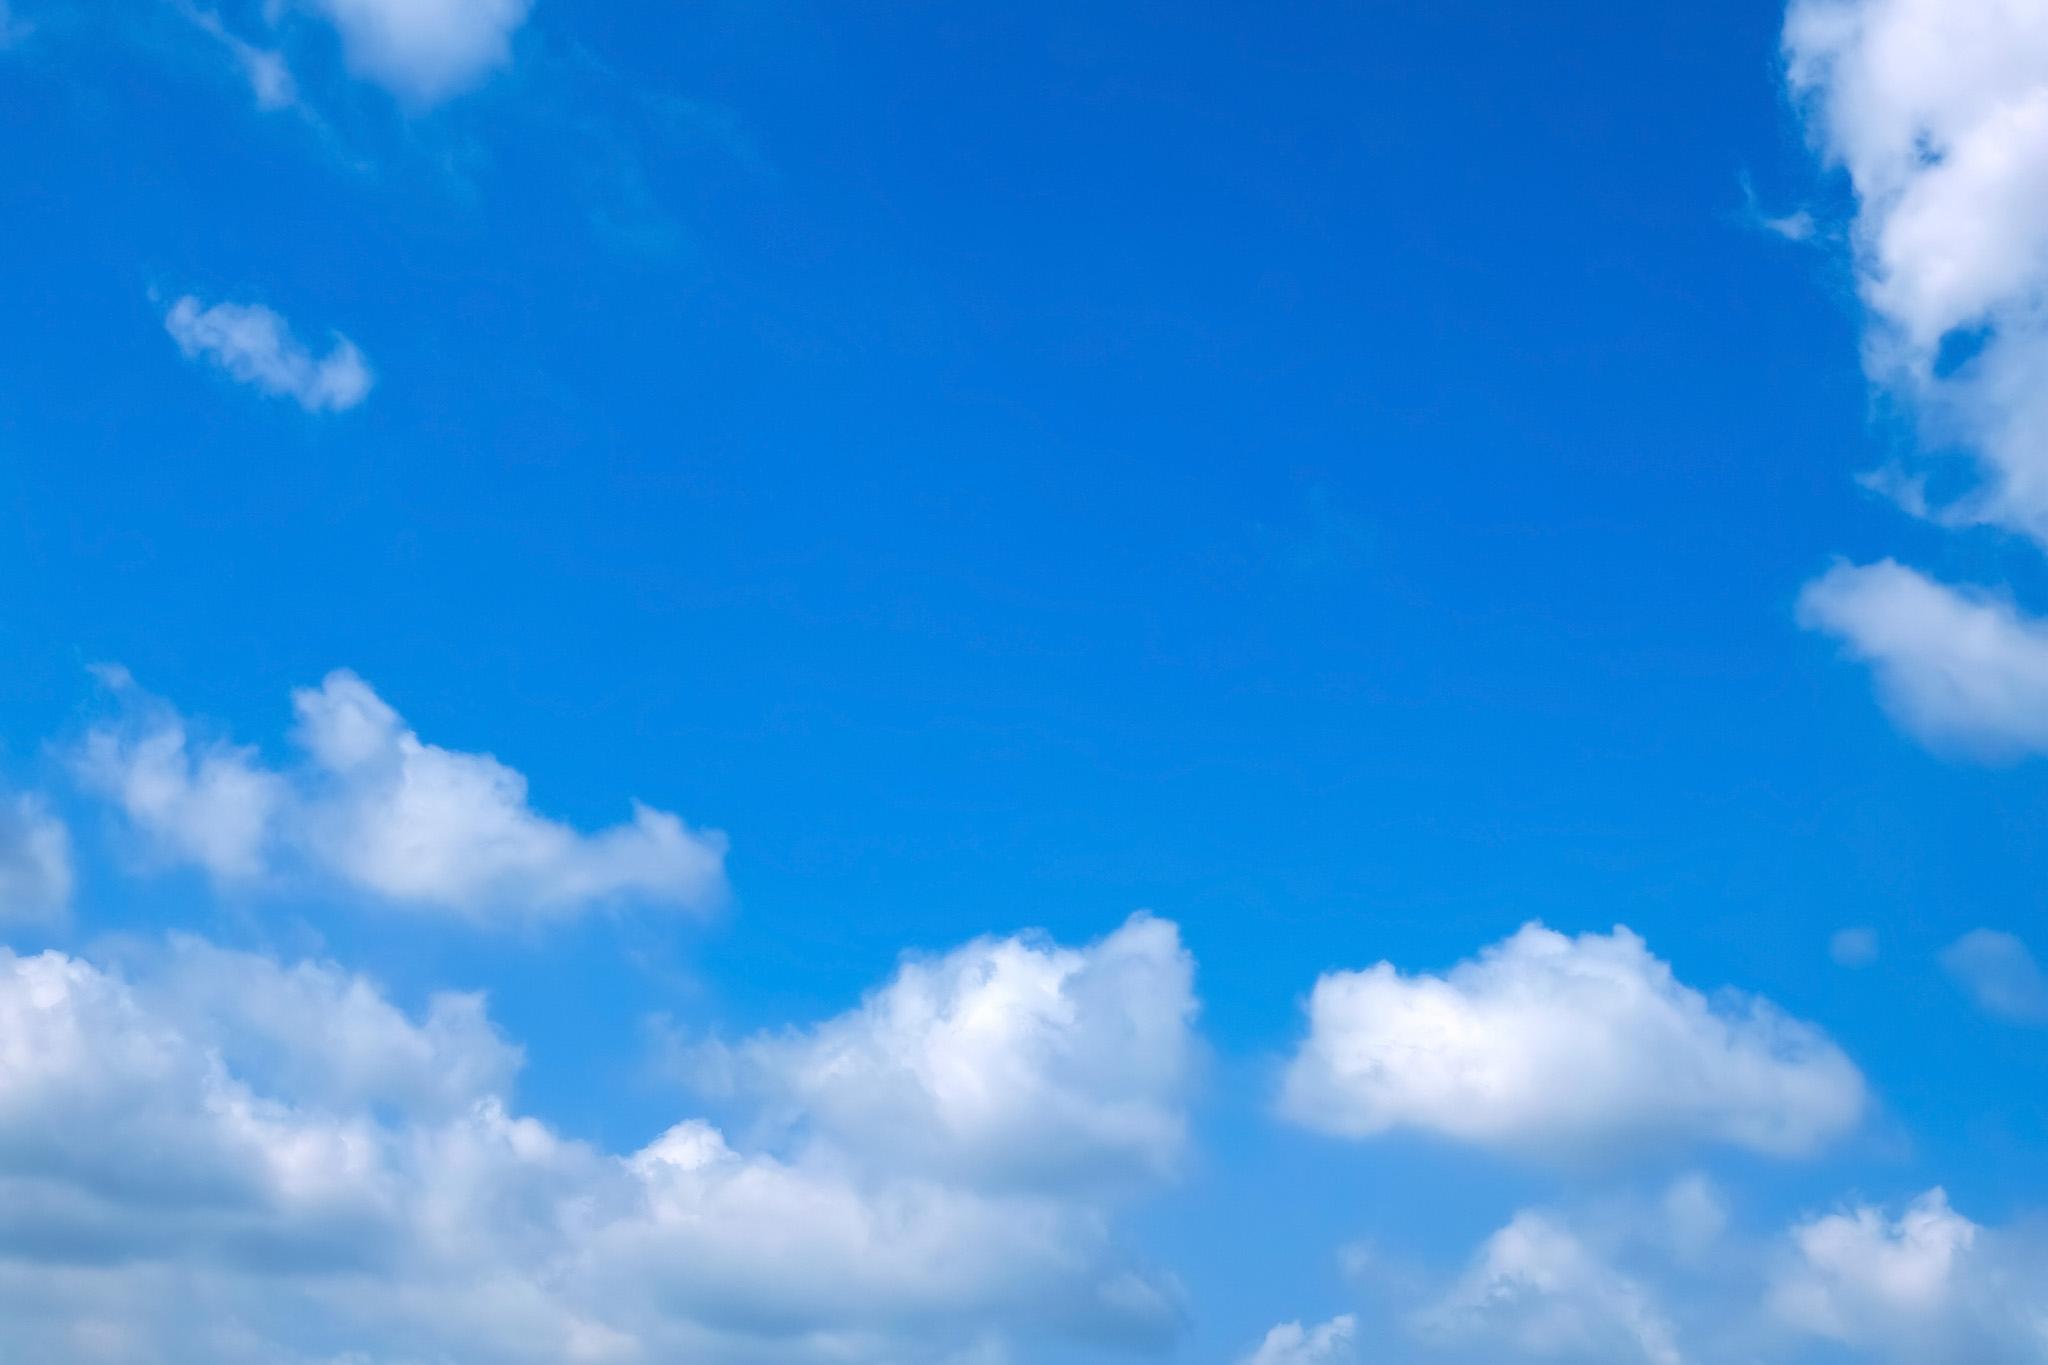 「白雲が浮かぶ綺麗な青空」